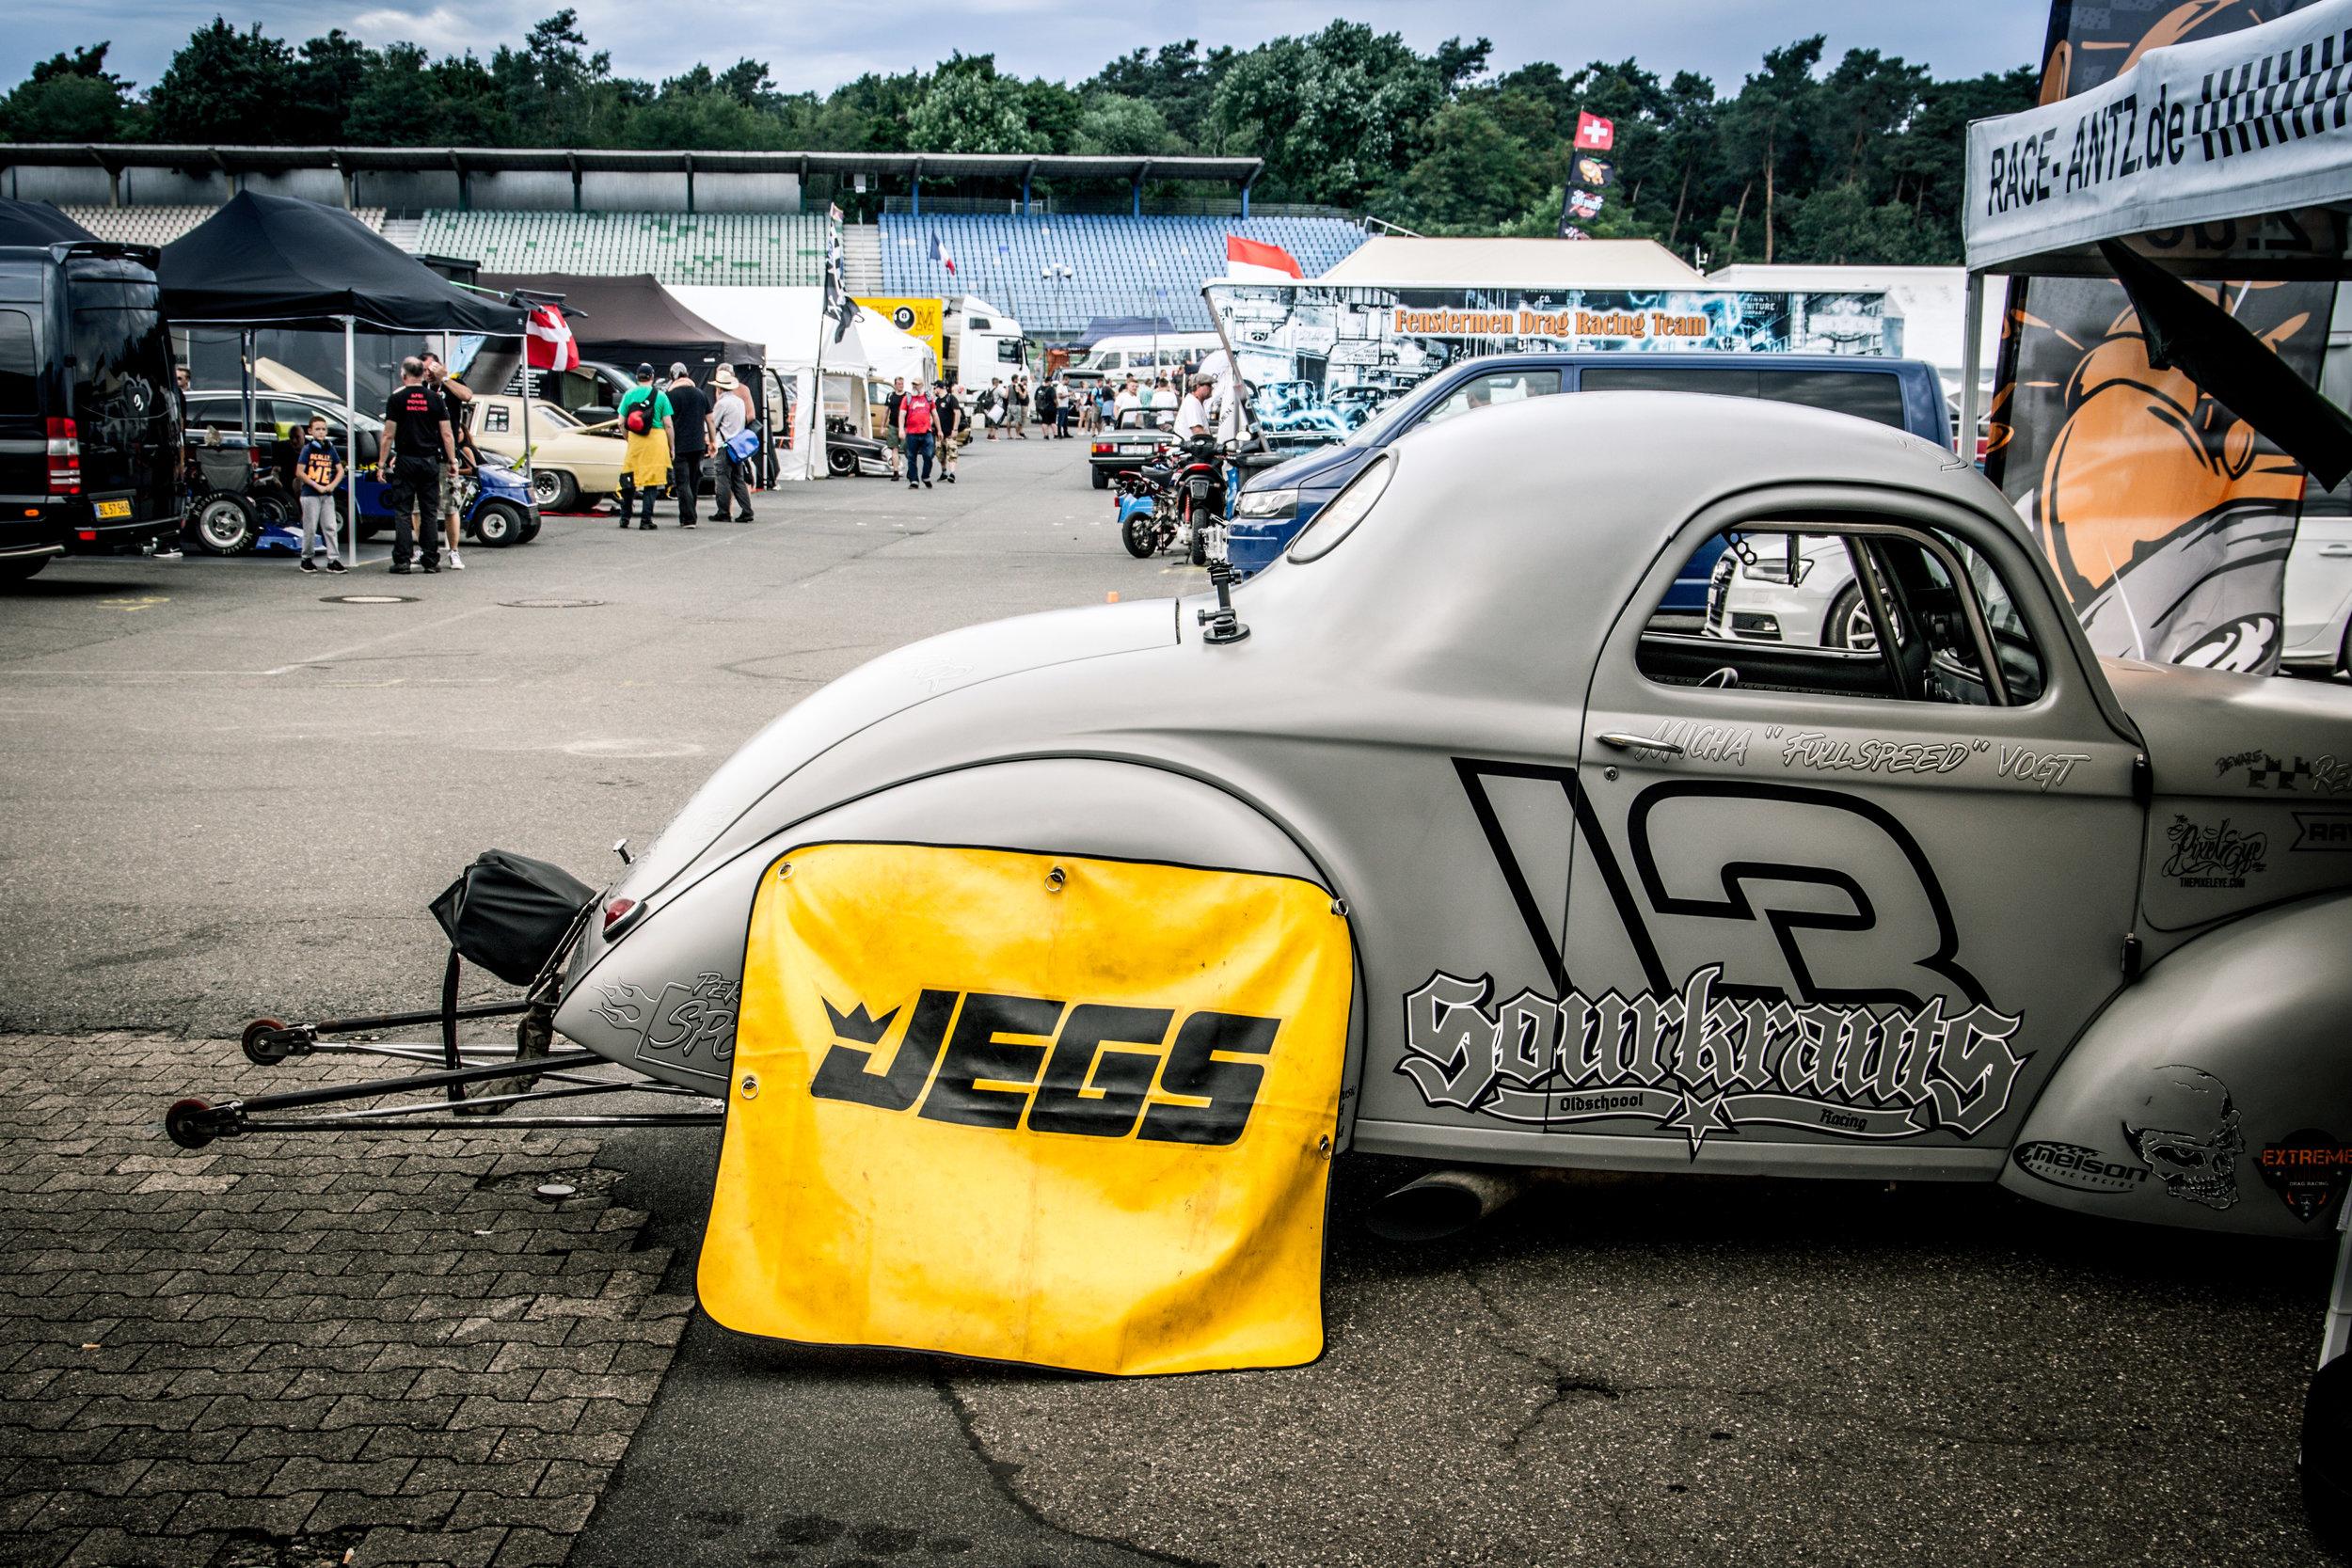 Race Antz Willys 2017 by Dirk Behlau-8528.jpg